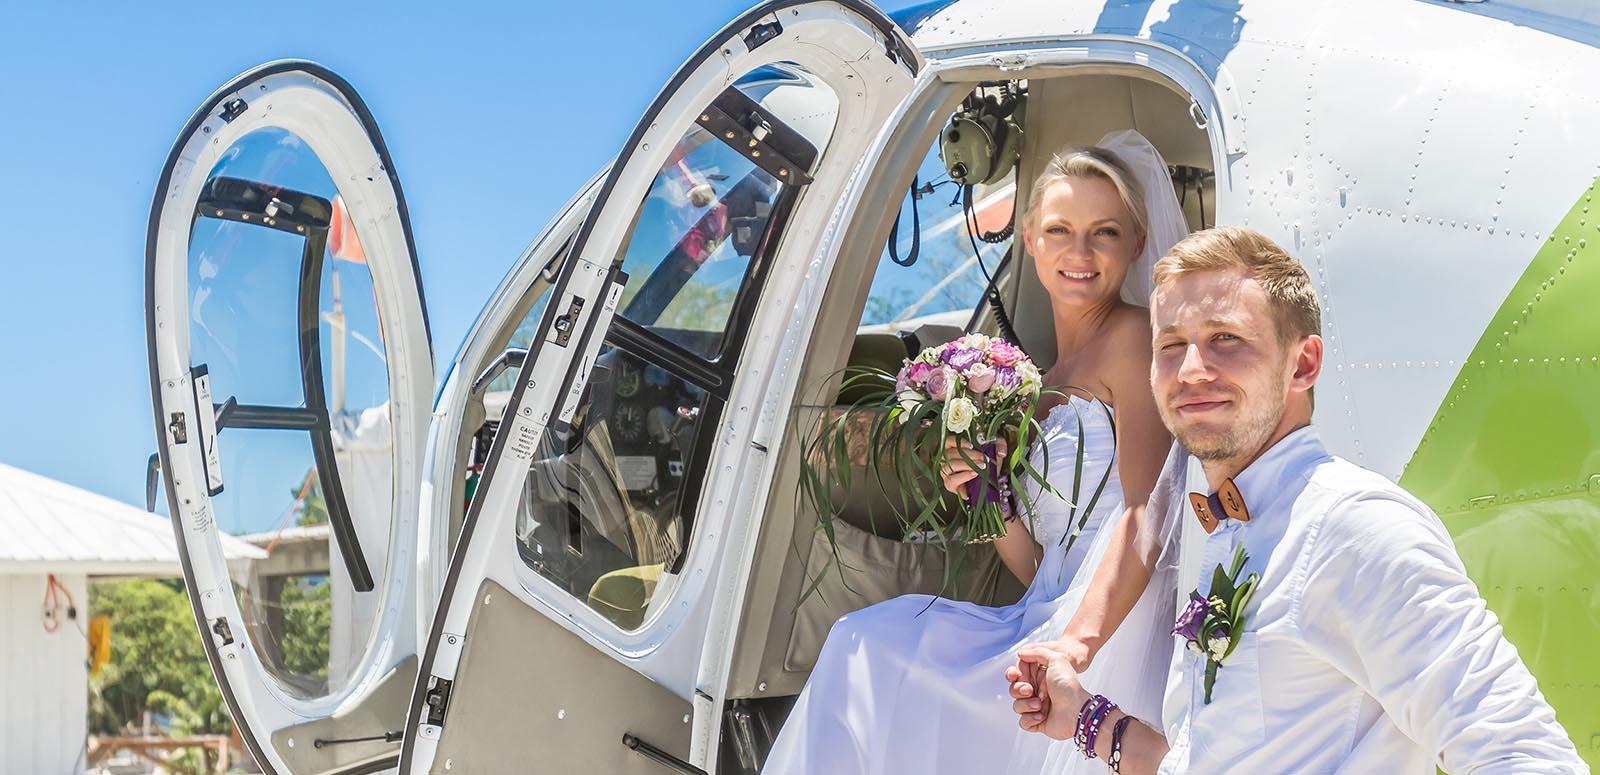 Vi har helikoptertaxi i Mälardalen